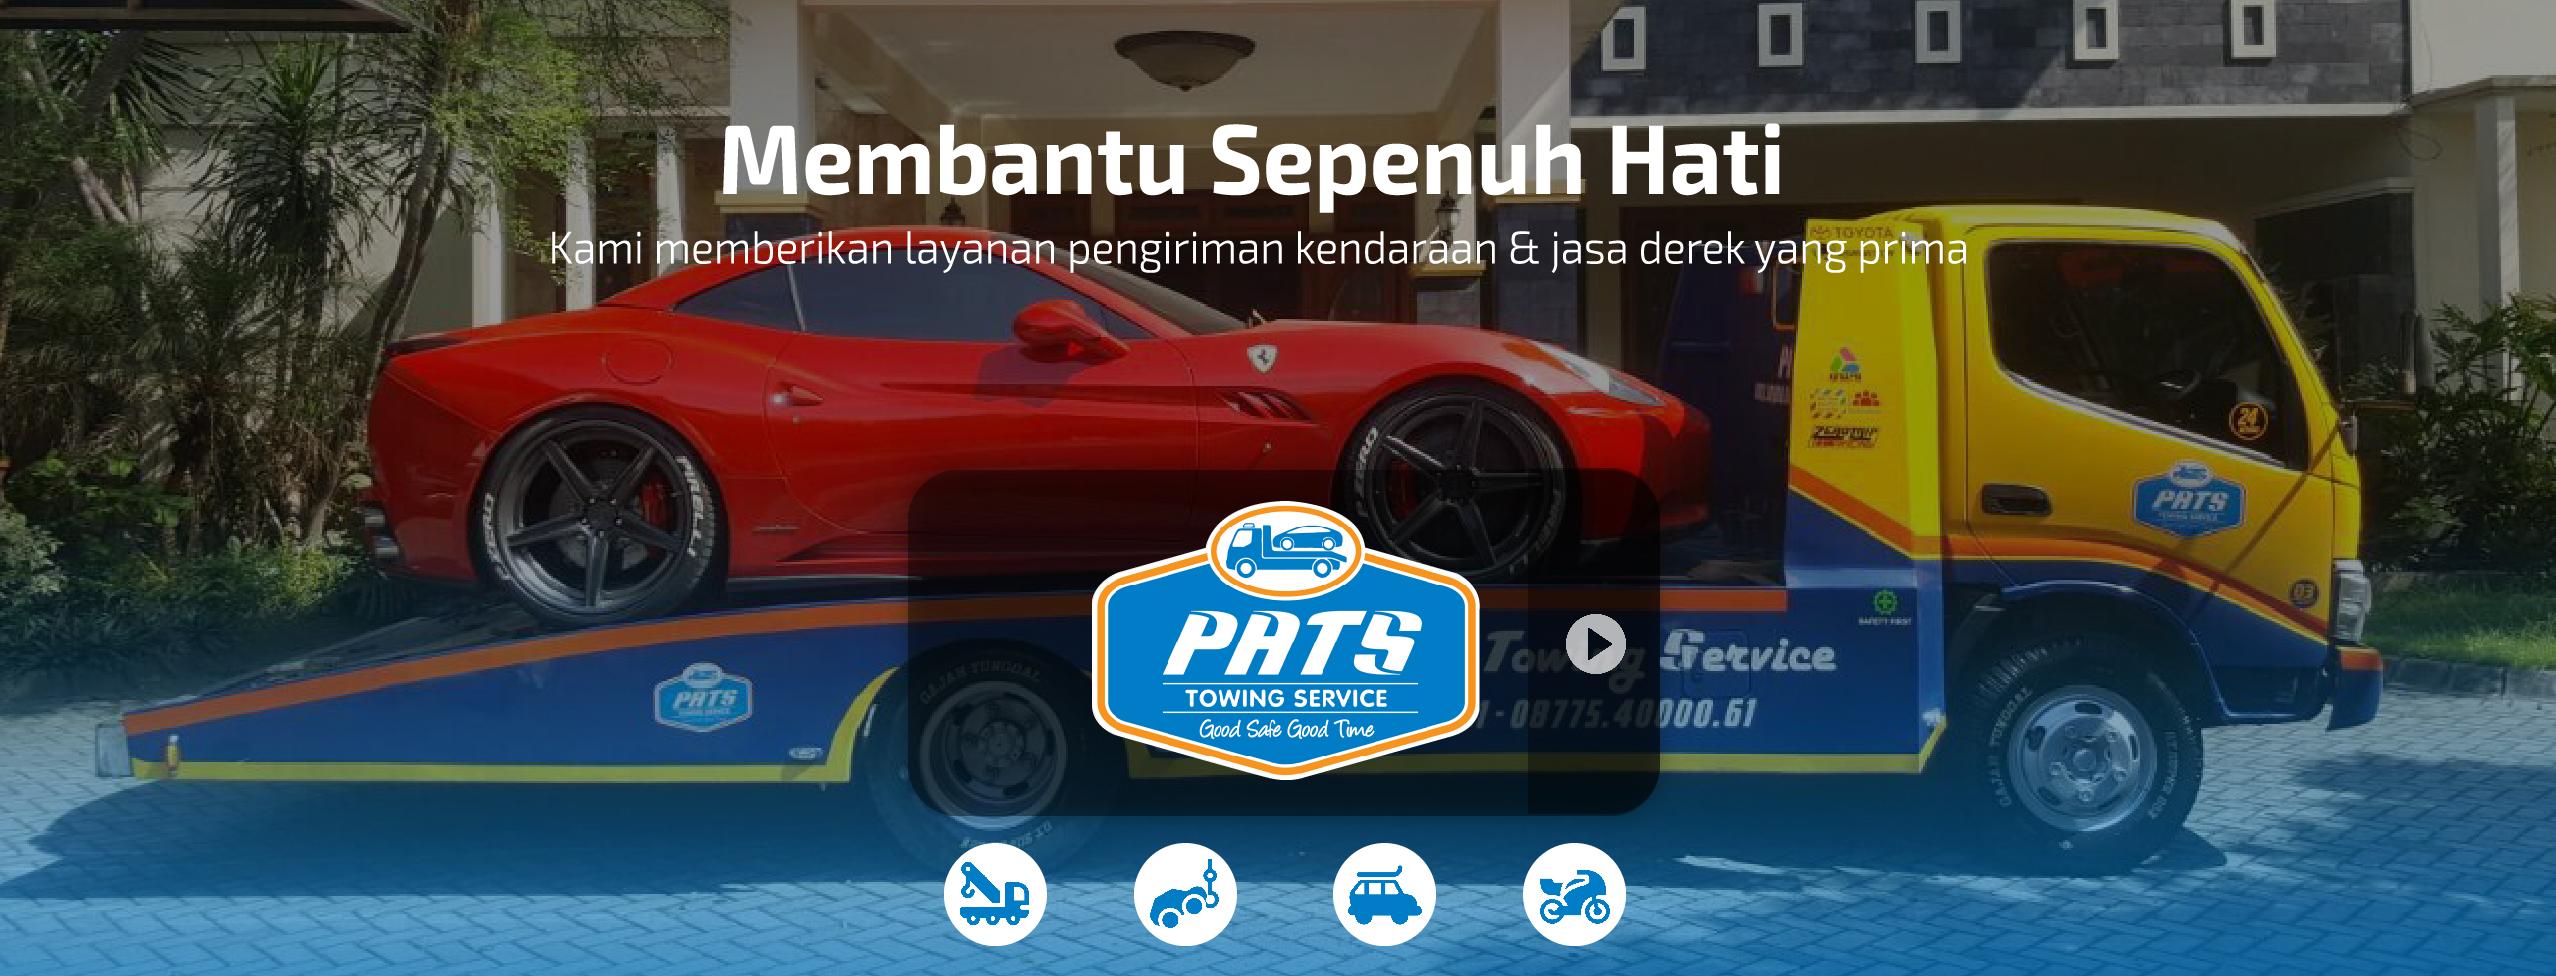 Telepon Nissan Care Pats Good Safe Good Time Serah Terima